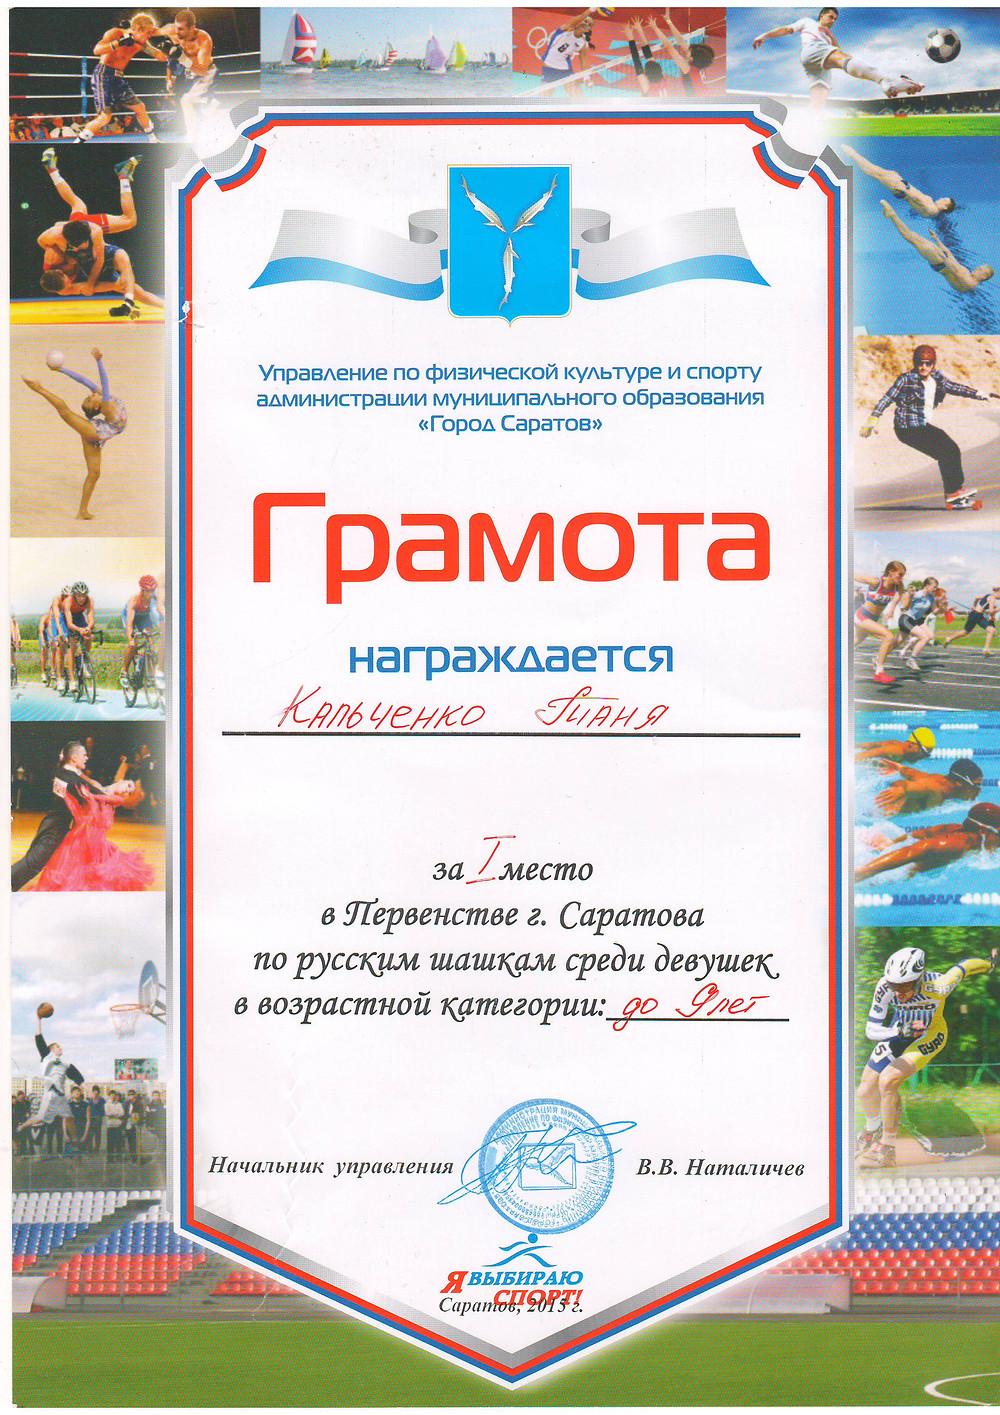 Кальченко Татьяна.JPG